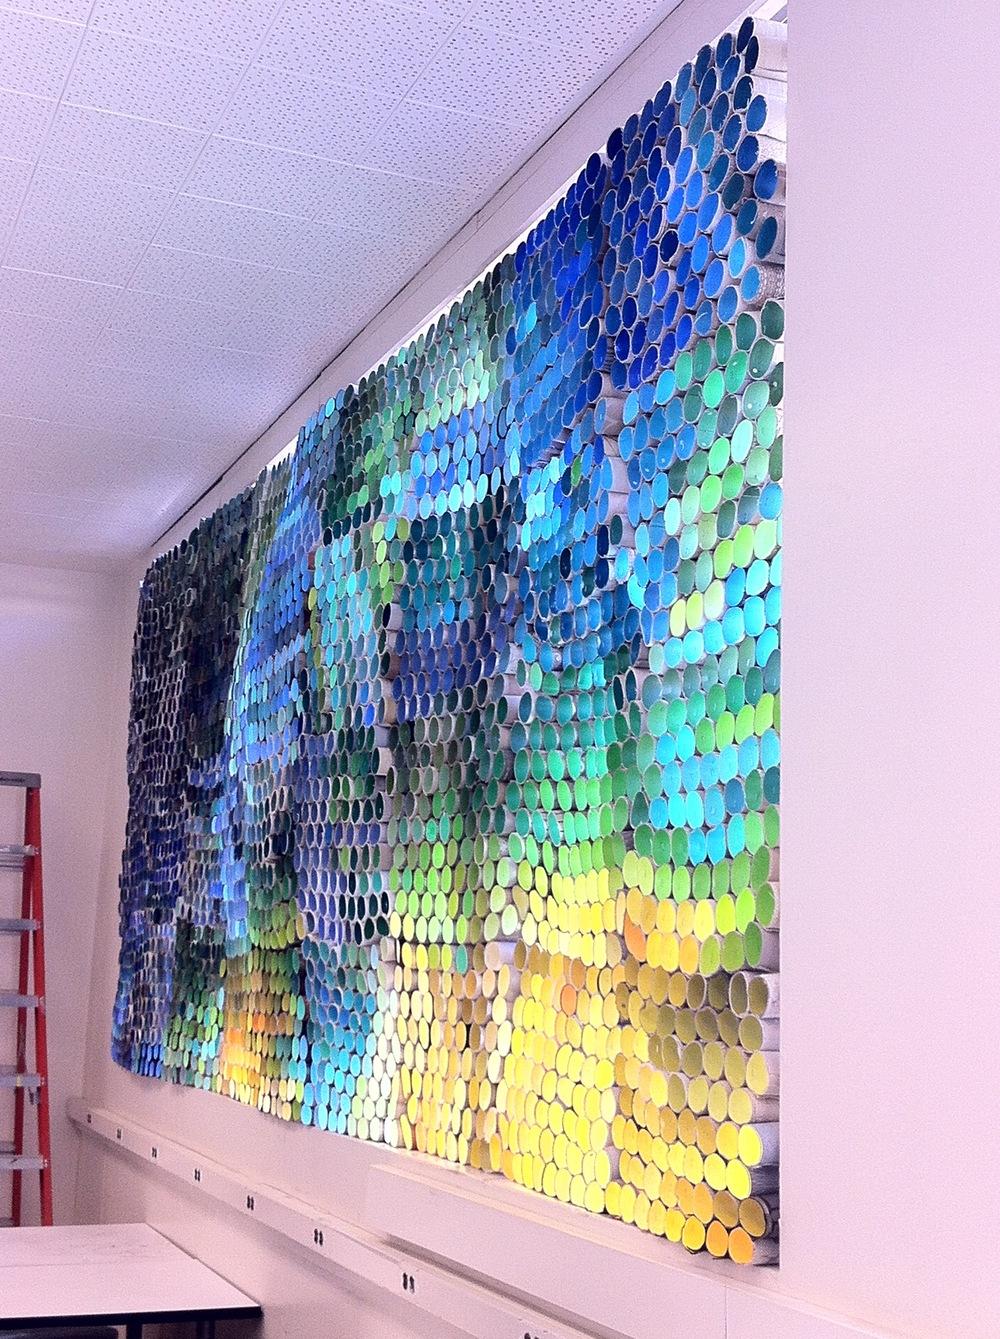 Aurora Borealis Curtain Wall